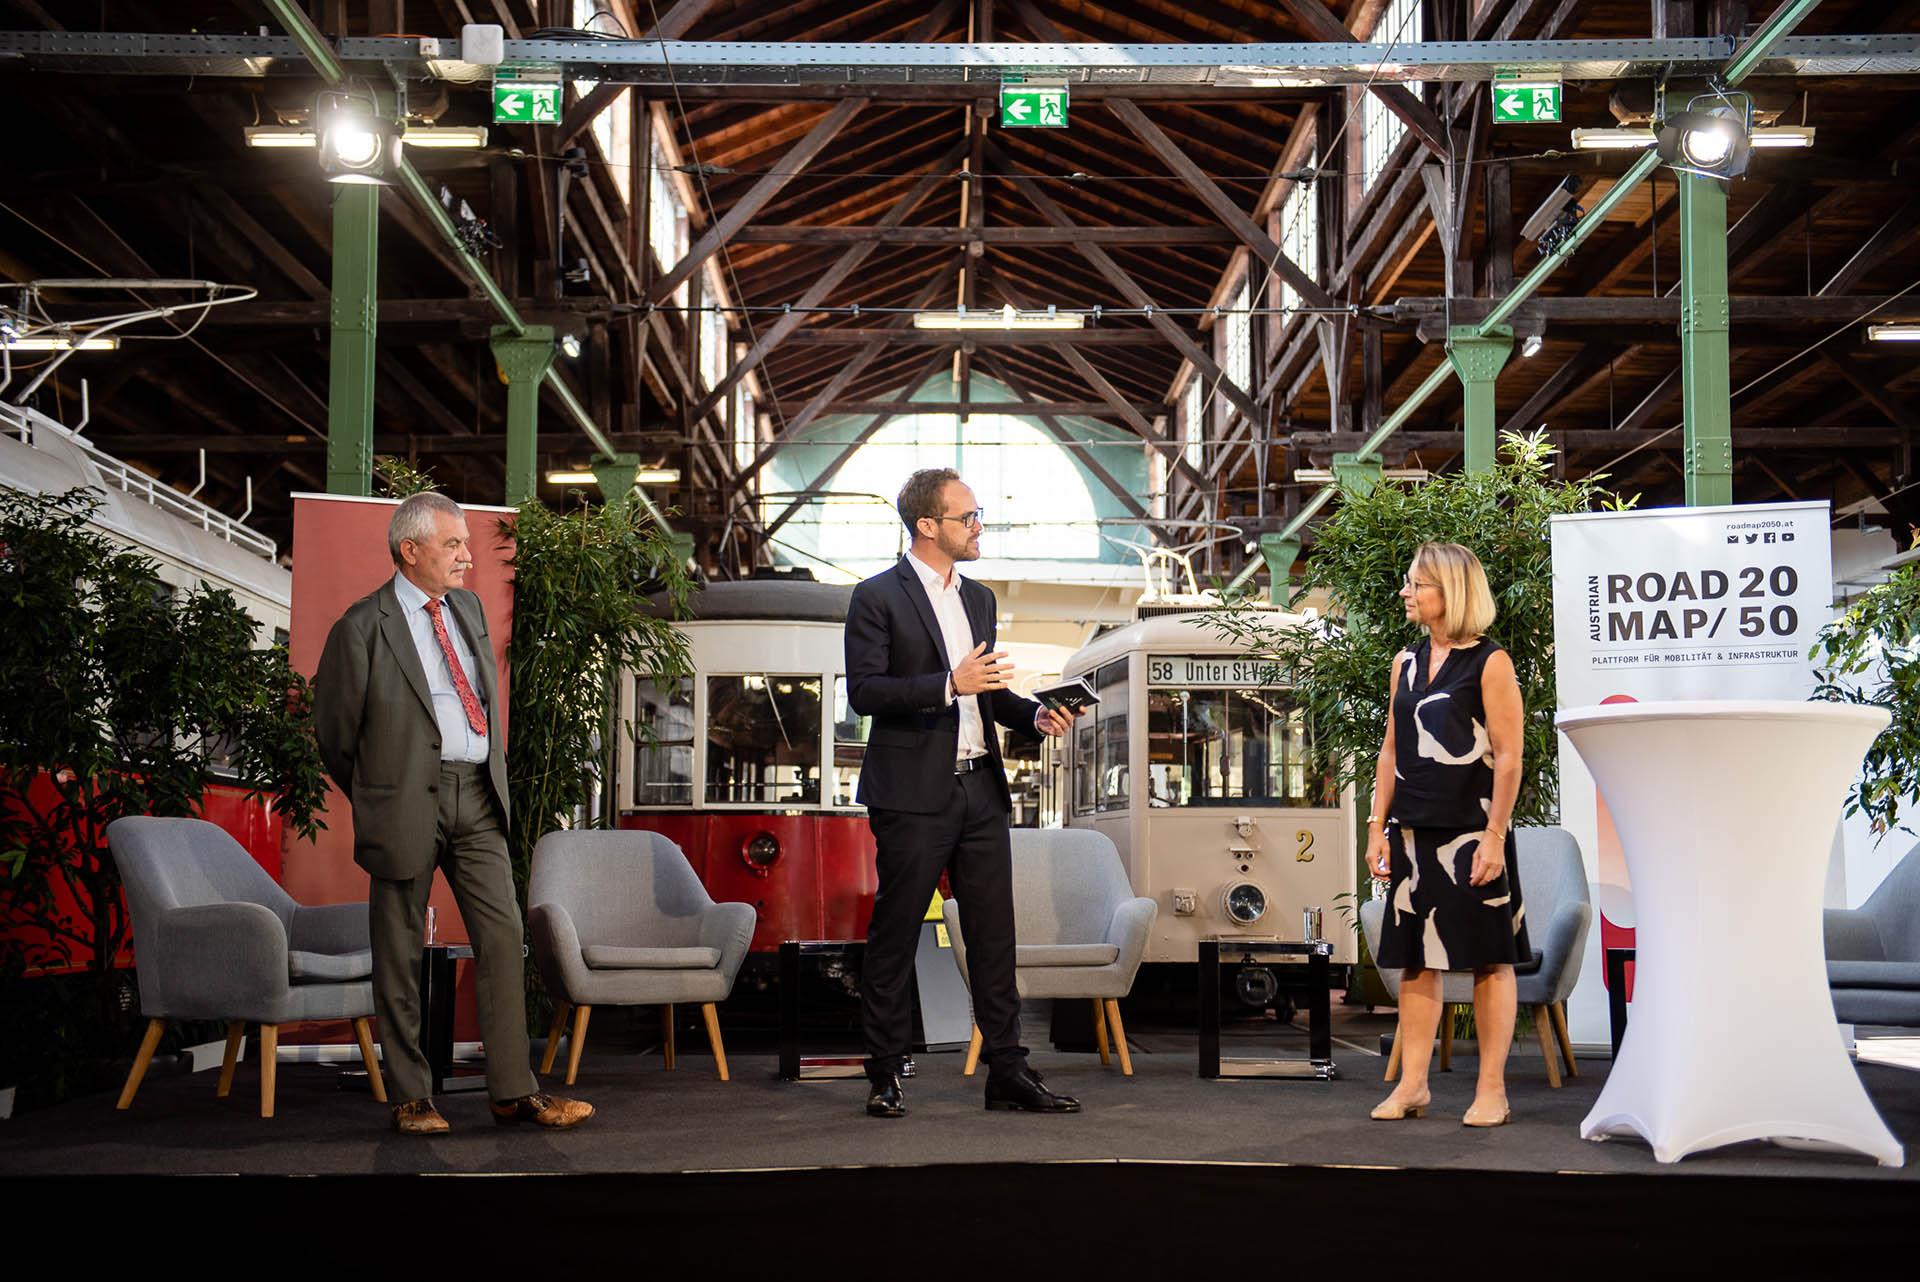 Günter Steinbauer, Alexander Hotowy und Alexandra Reinagl stehen auf einer Bühne bei einer Live-Streaming-Veranstaltung und sprechen miteinander.